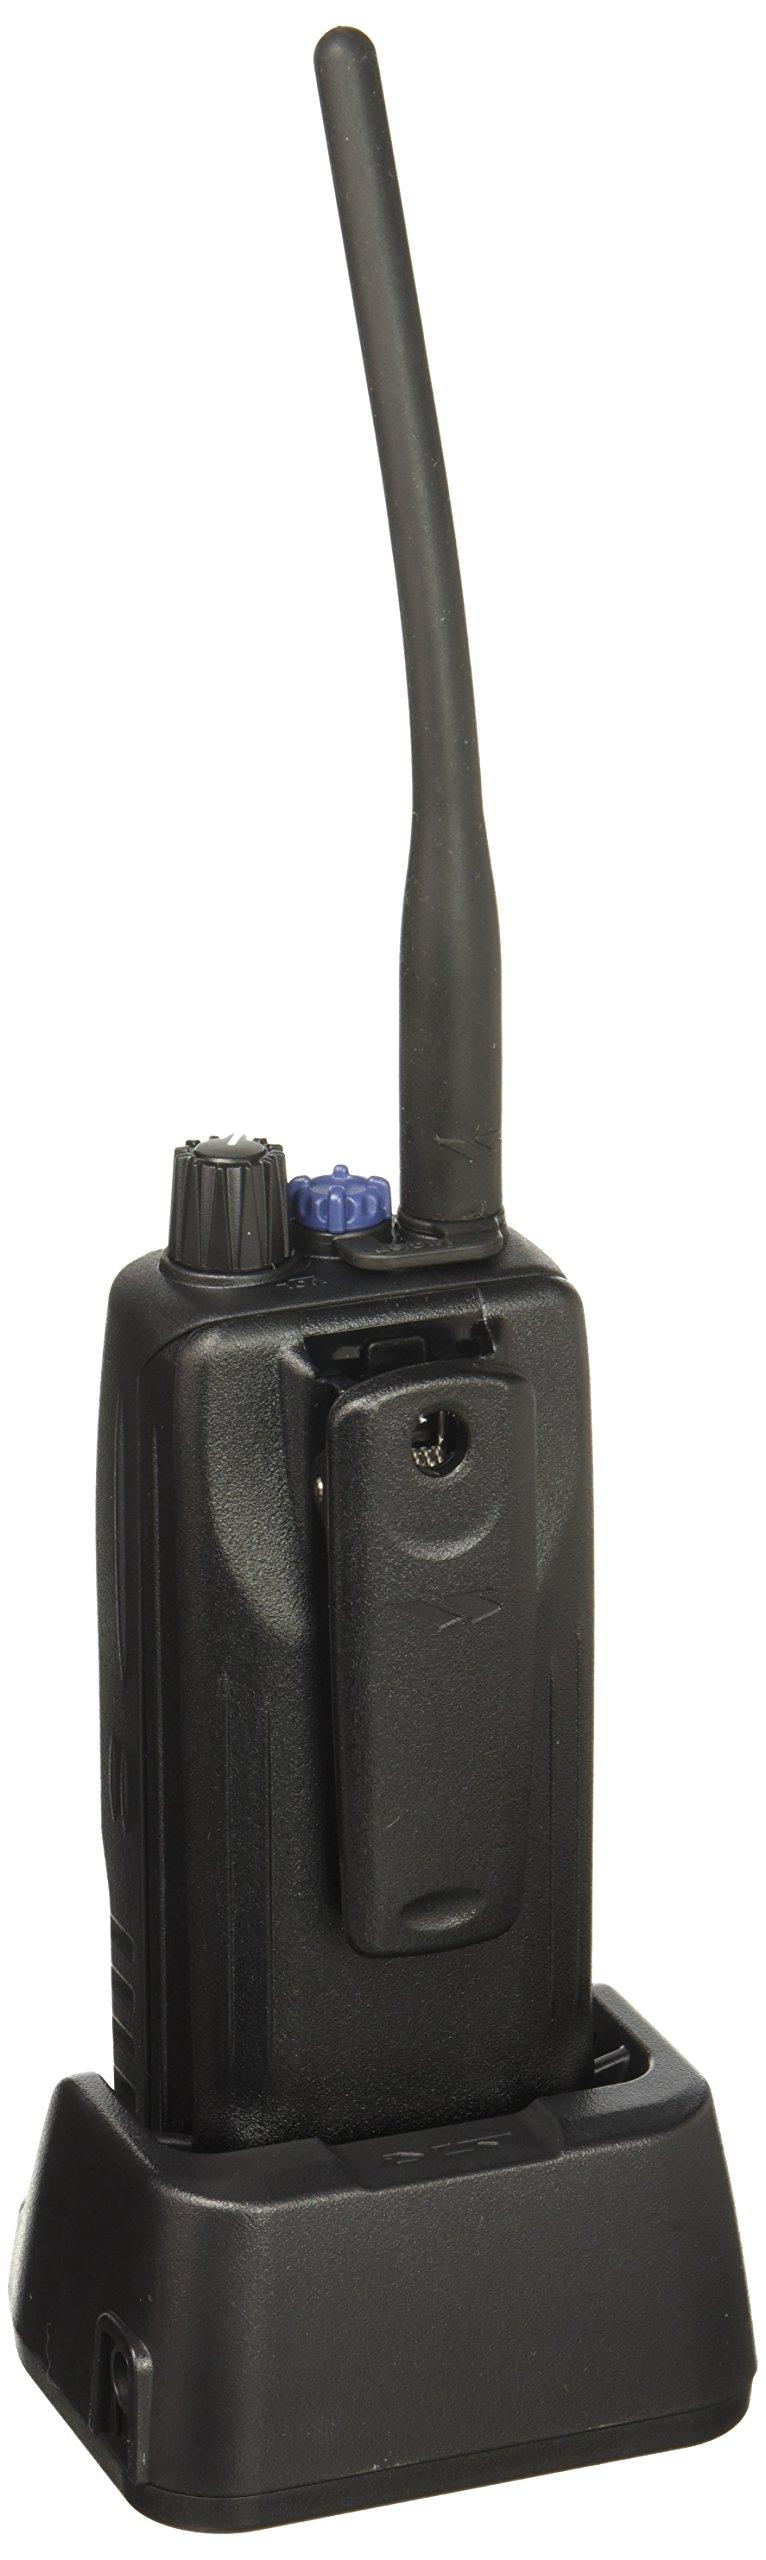 Standard Horizon HX400IS Intrinsically Safe Handheld VHF Radio by Standard Horizon (Image #2)